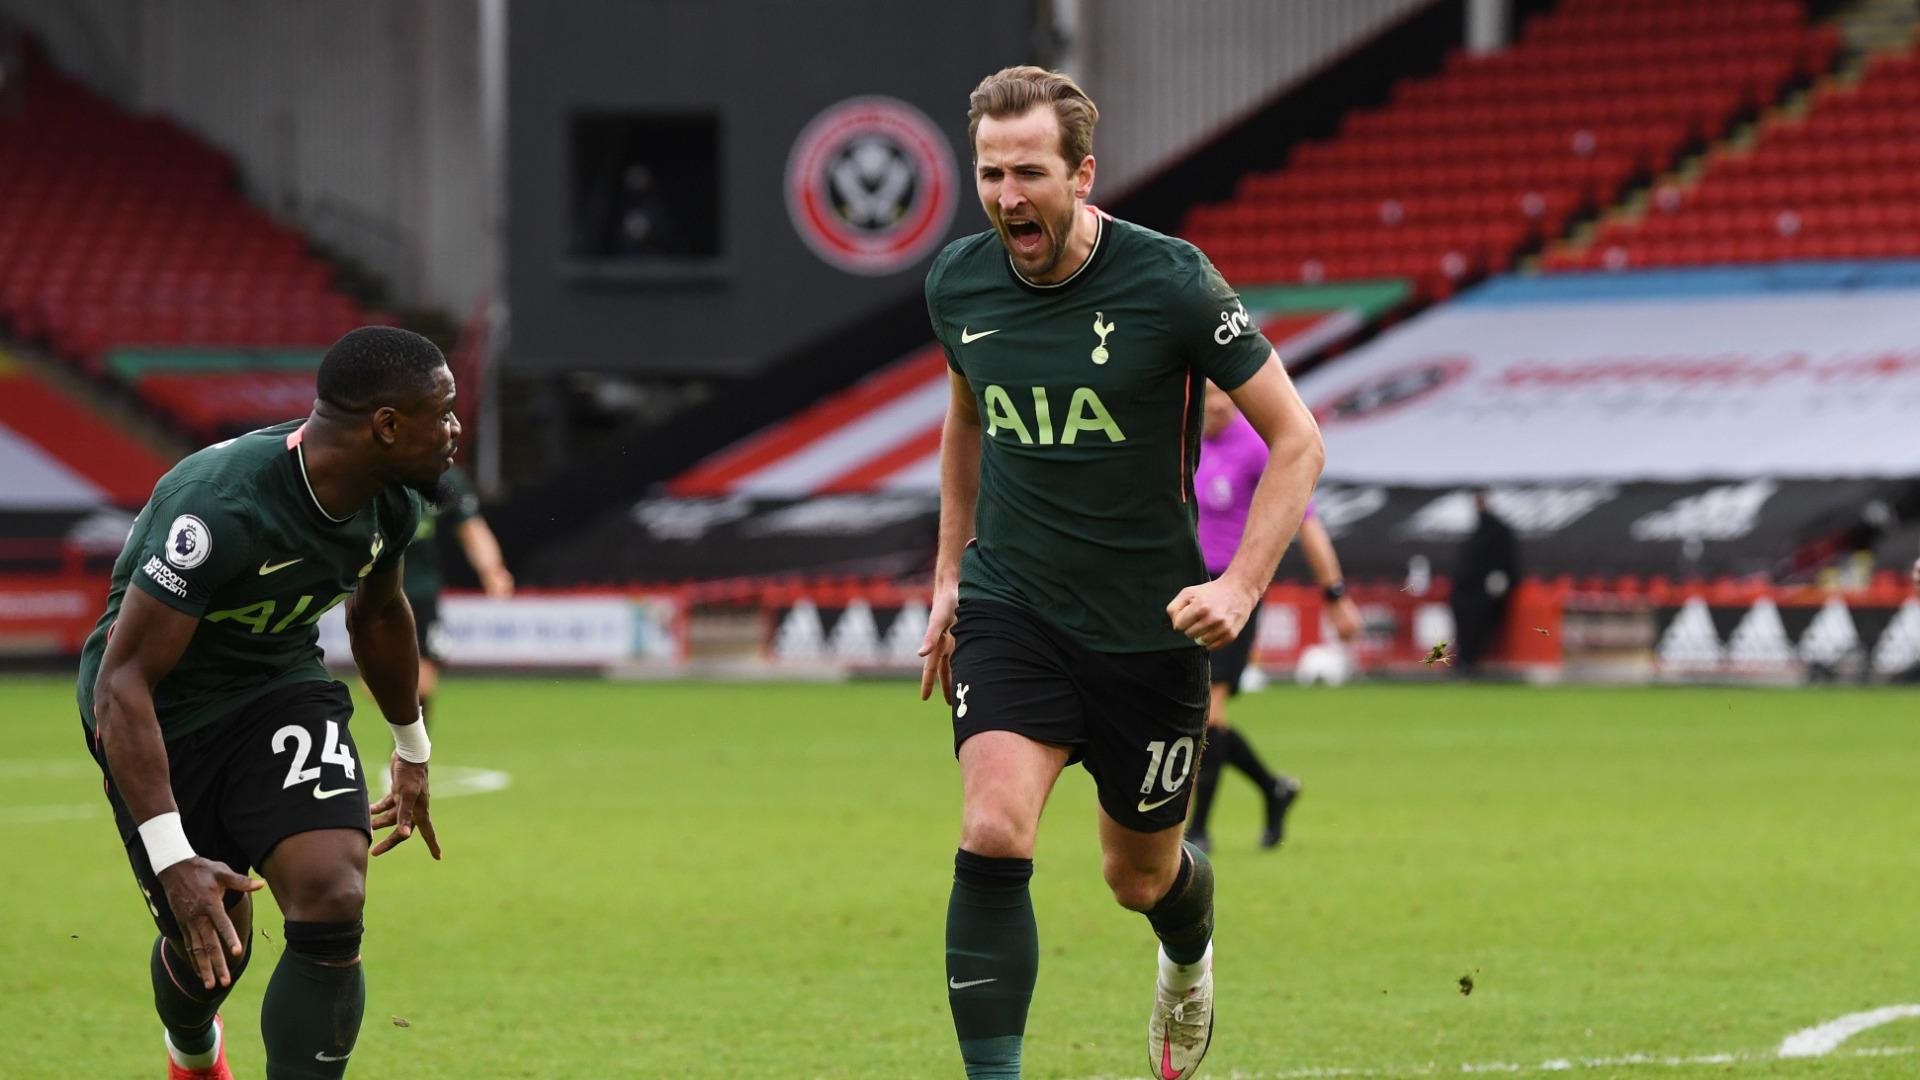 Sheffield United 1-3 Tottenham: Kane on target and Ndombele scores stunner in Spurs win